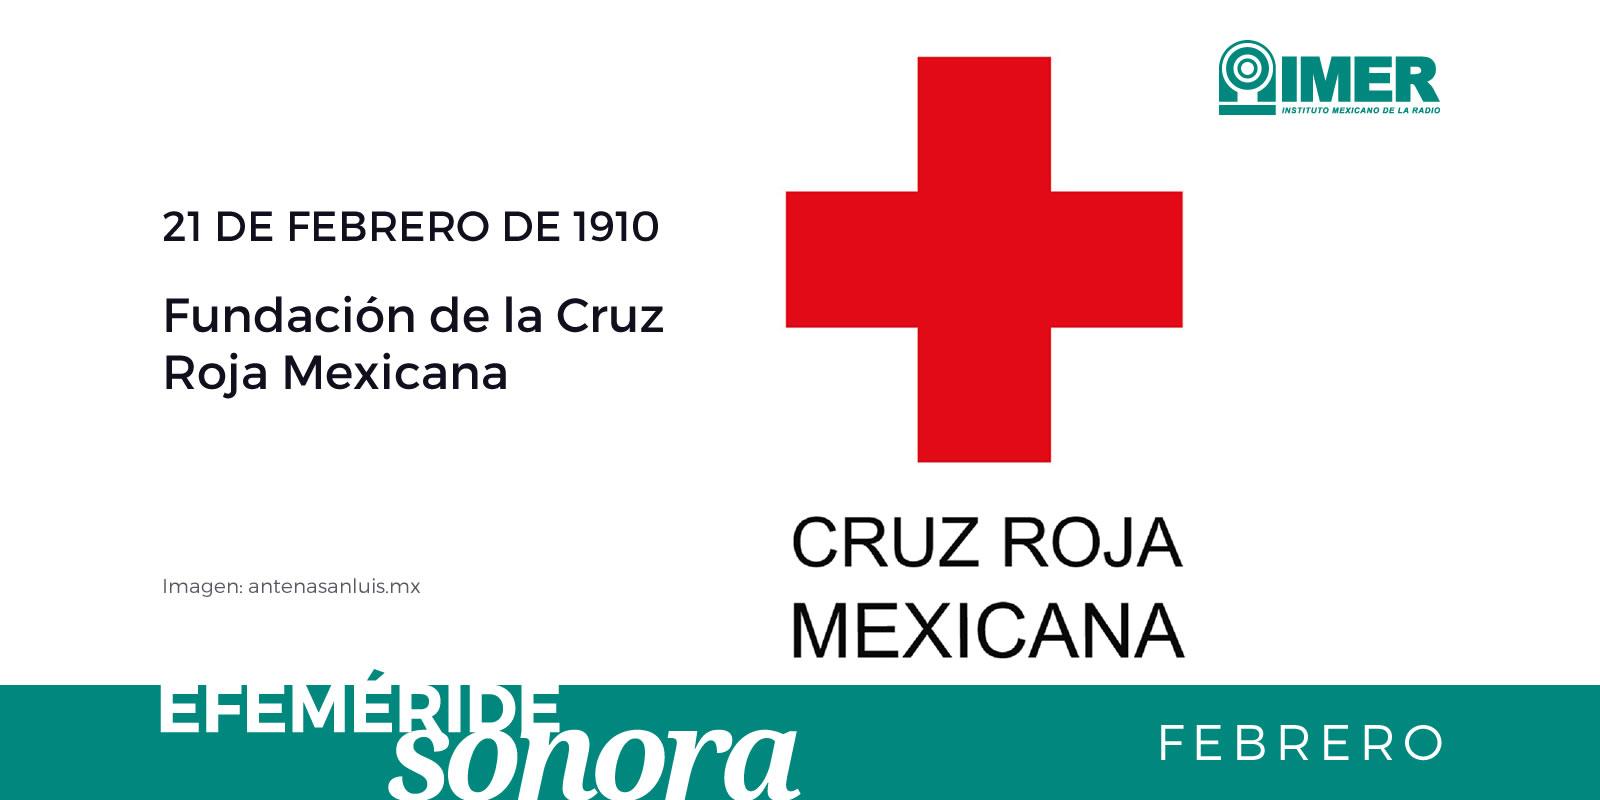 21 De Febrero De 1910 Fundaci U00f3n De La Cruz Roja Mexicana